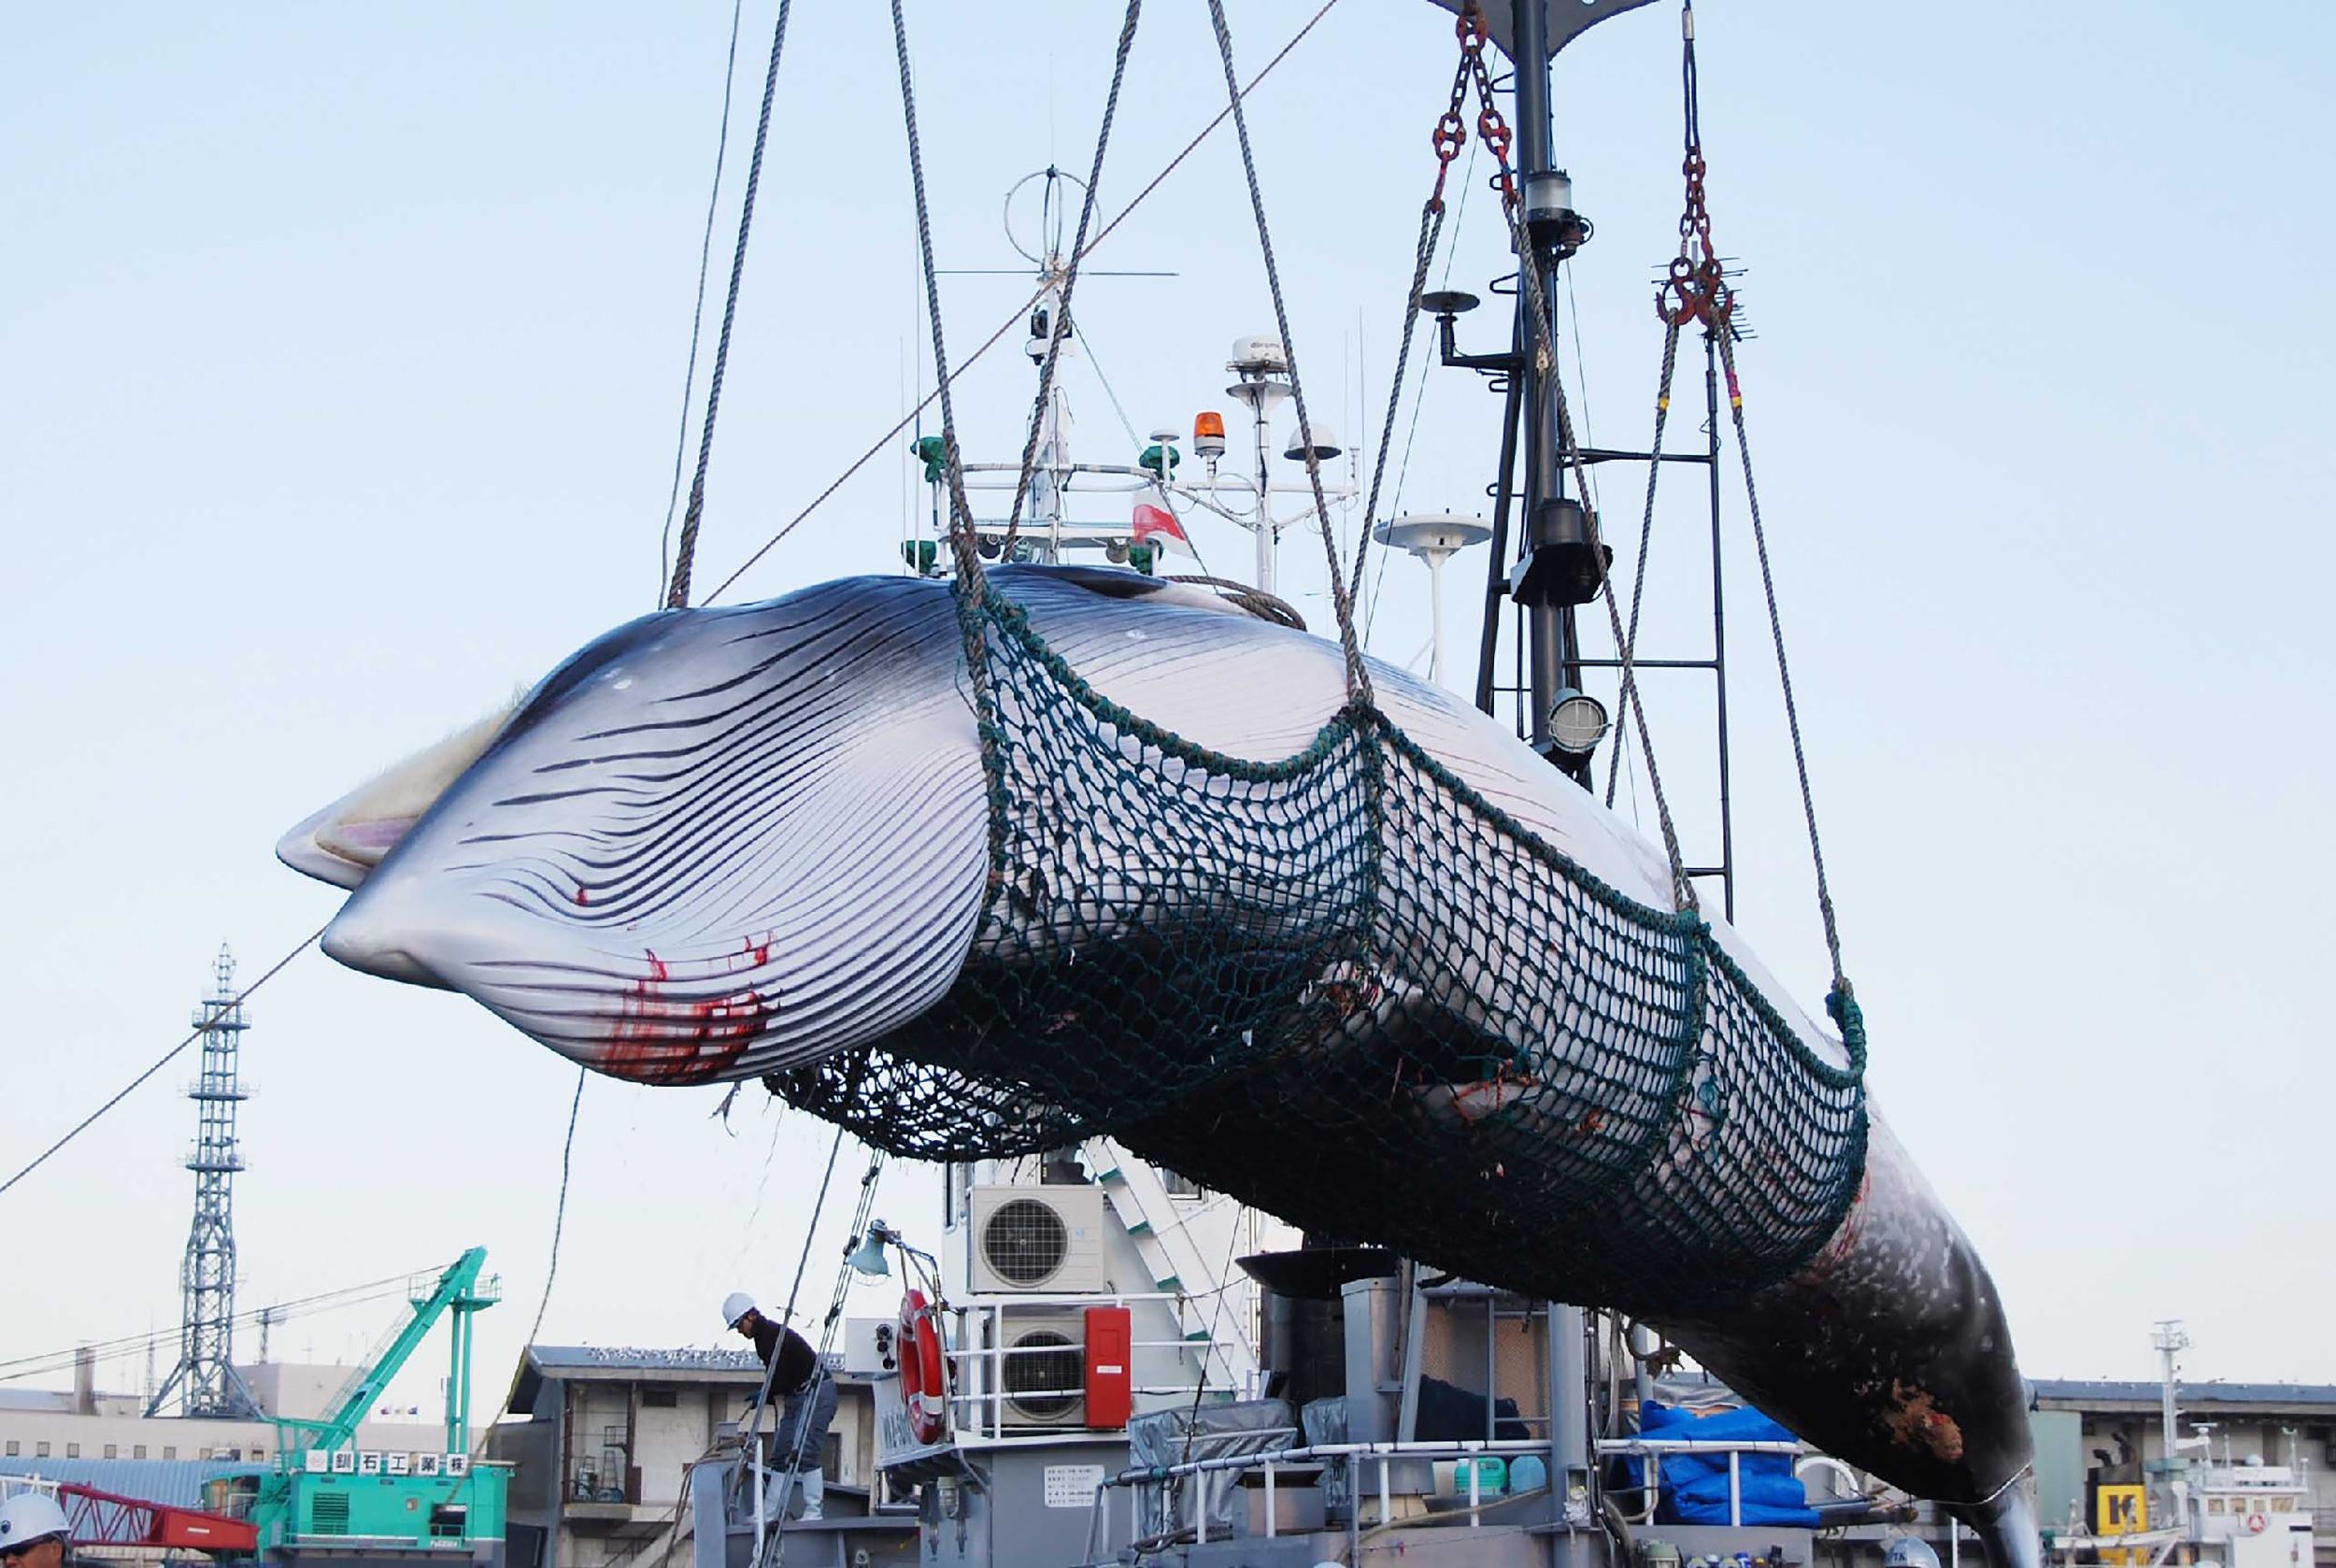 Navíos japoneses cazaron con arpón dos ballenas este lunes en el puerto de Kushiro, Japón. Foto: AFP